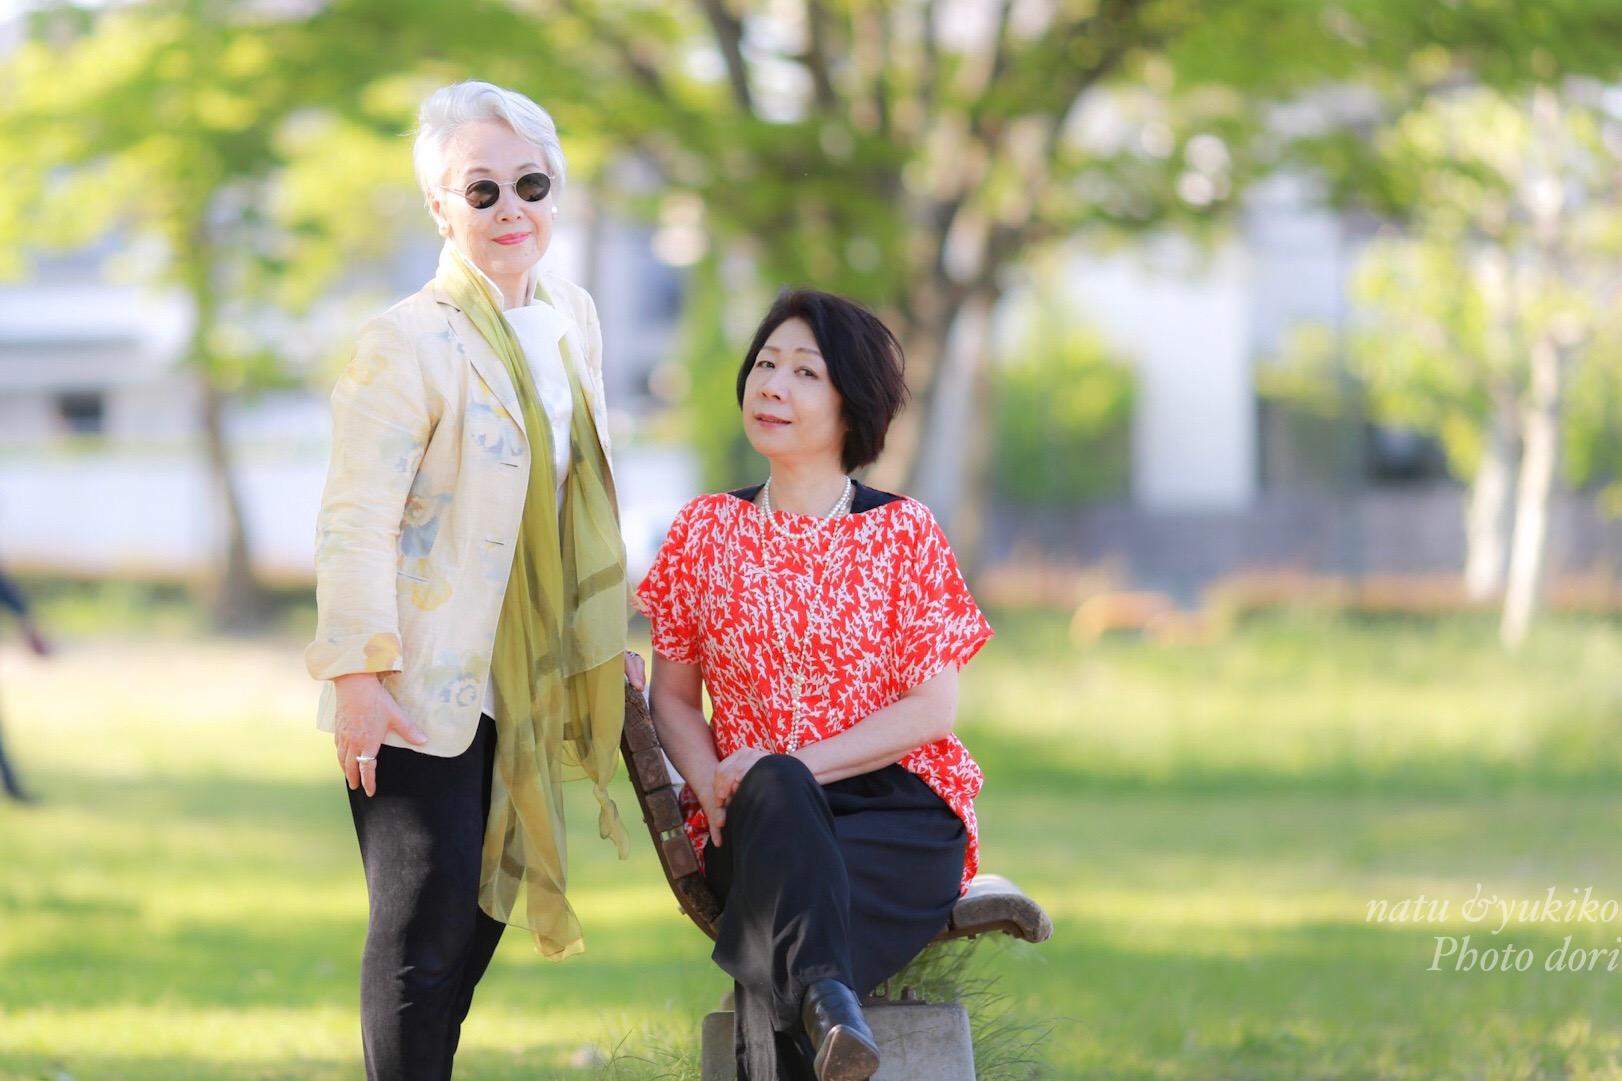 美しく歳を重ねるために私達40代50代が目指す事!これがこれからの60代70代だ!